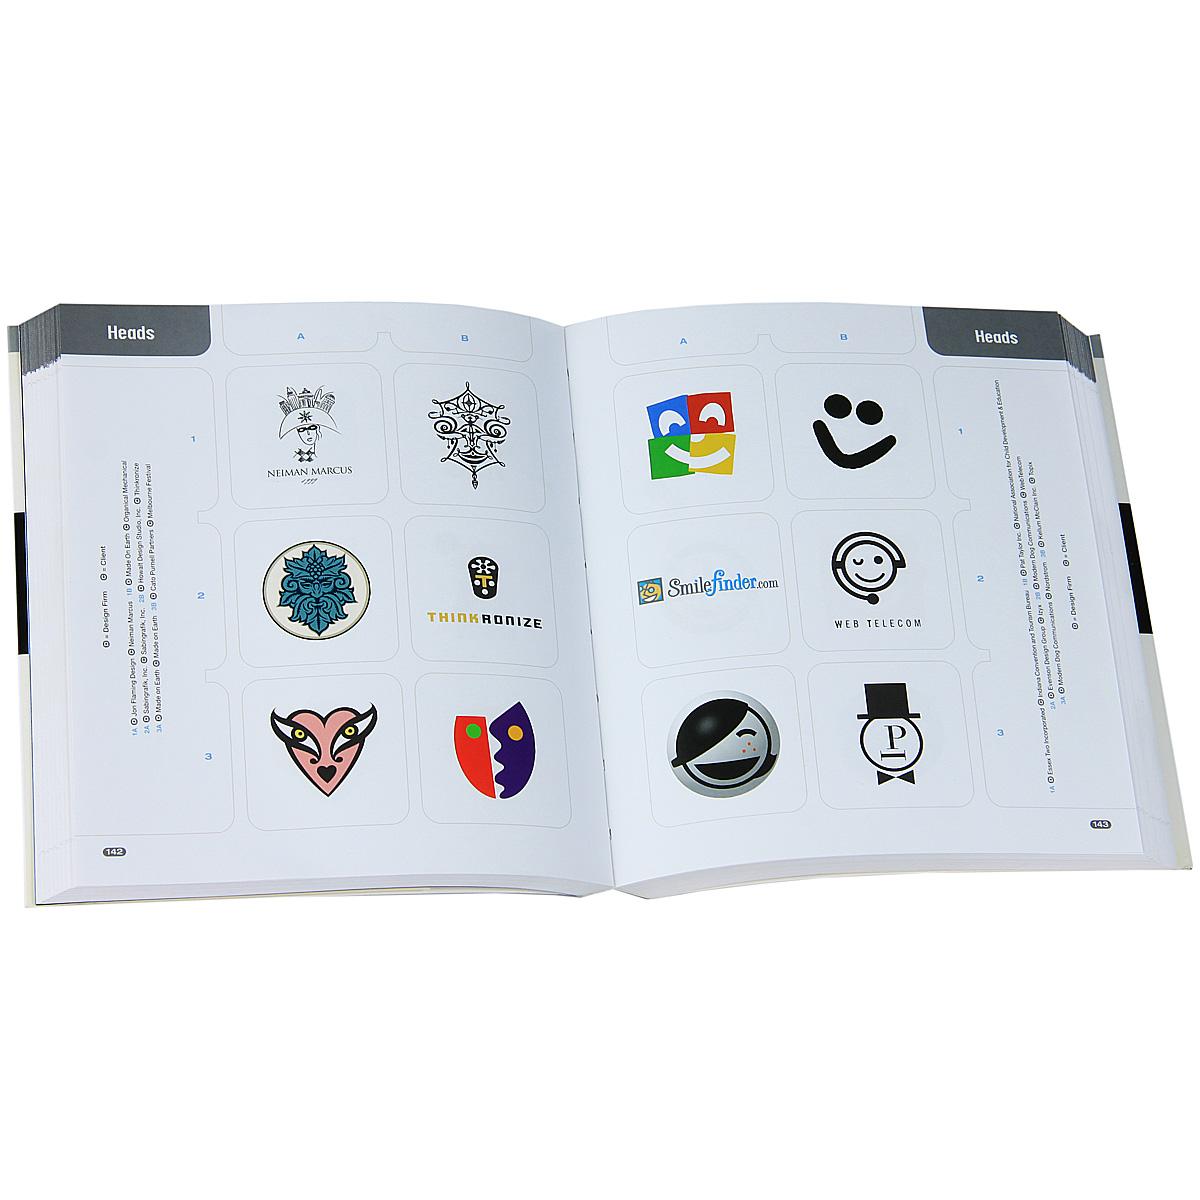 Logolounge. 2000 работ созданных ведущими дизайнерами мира